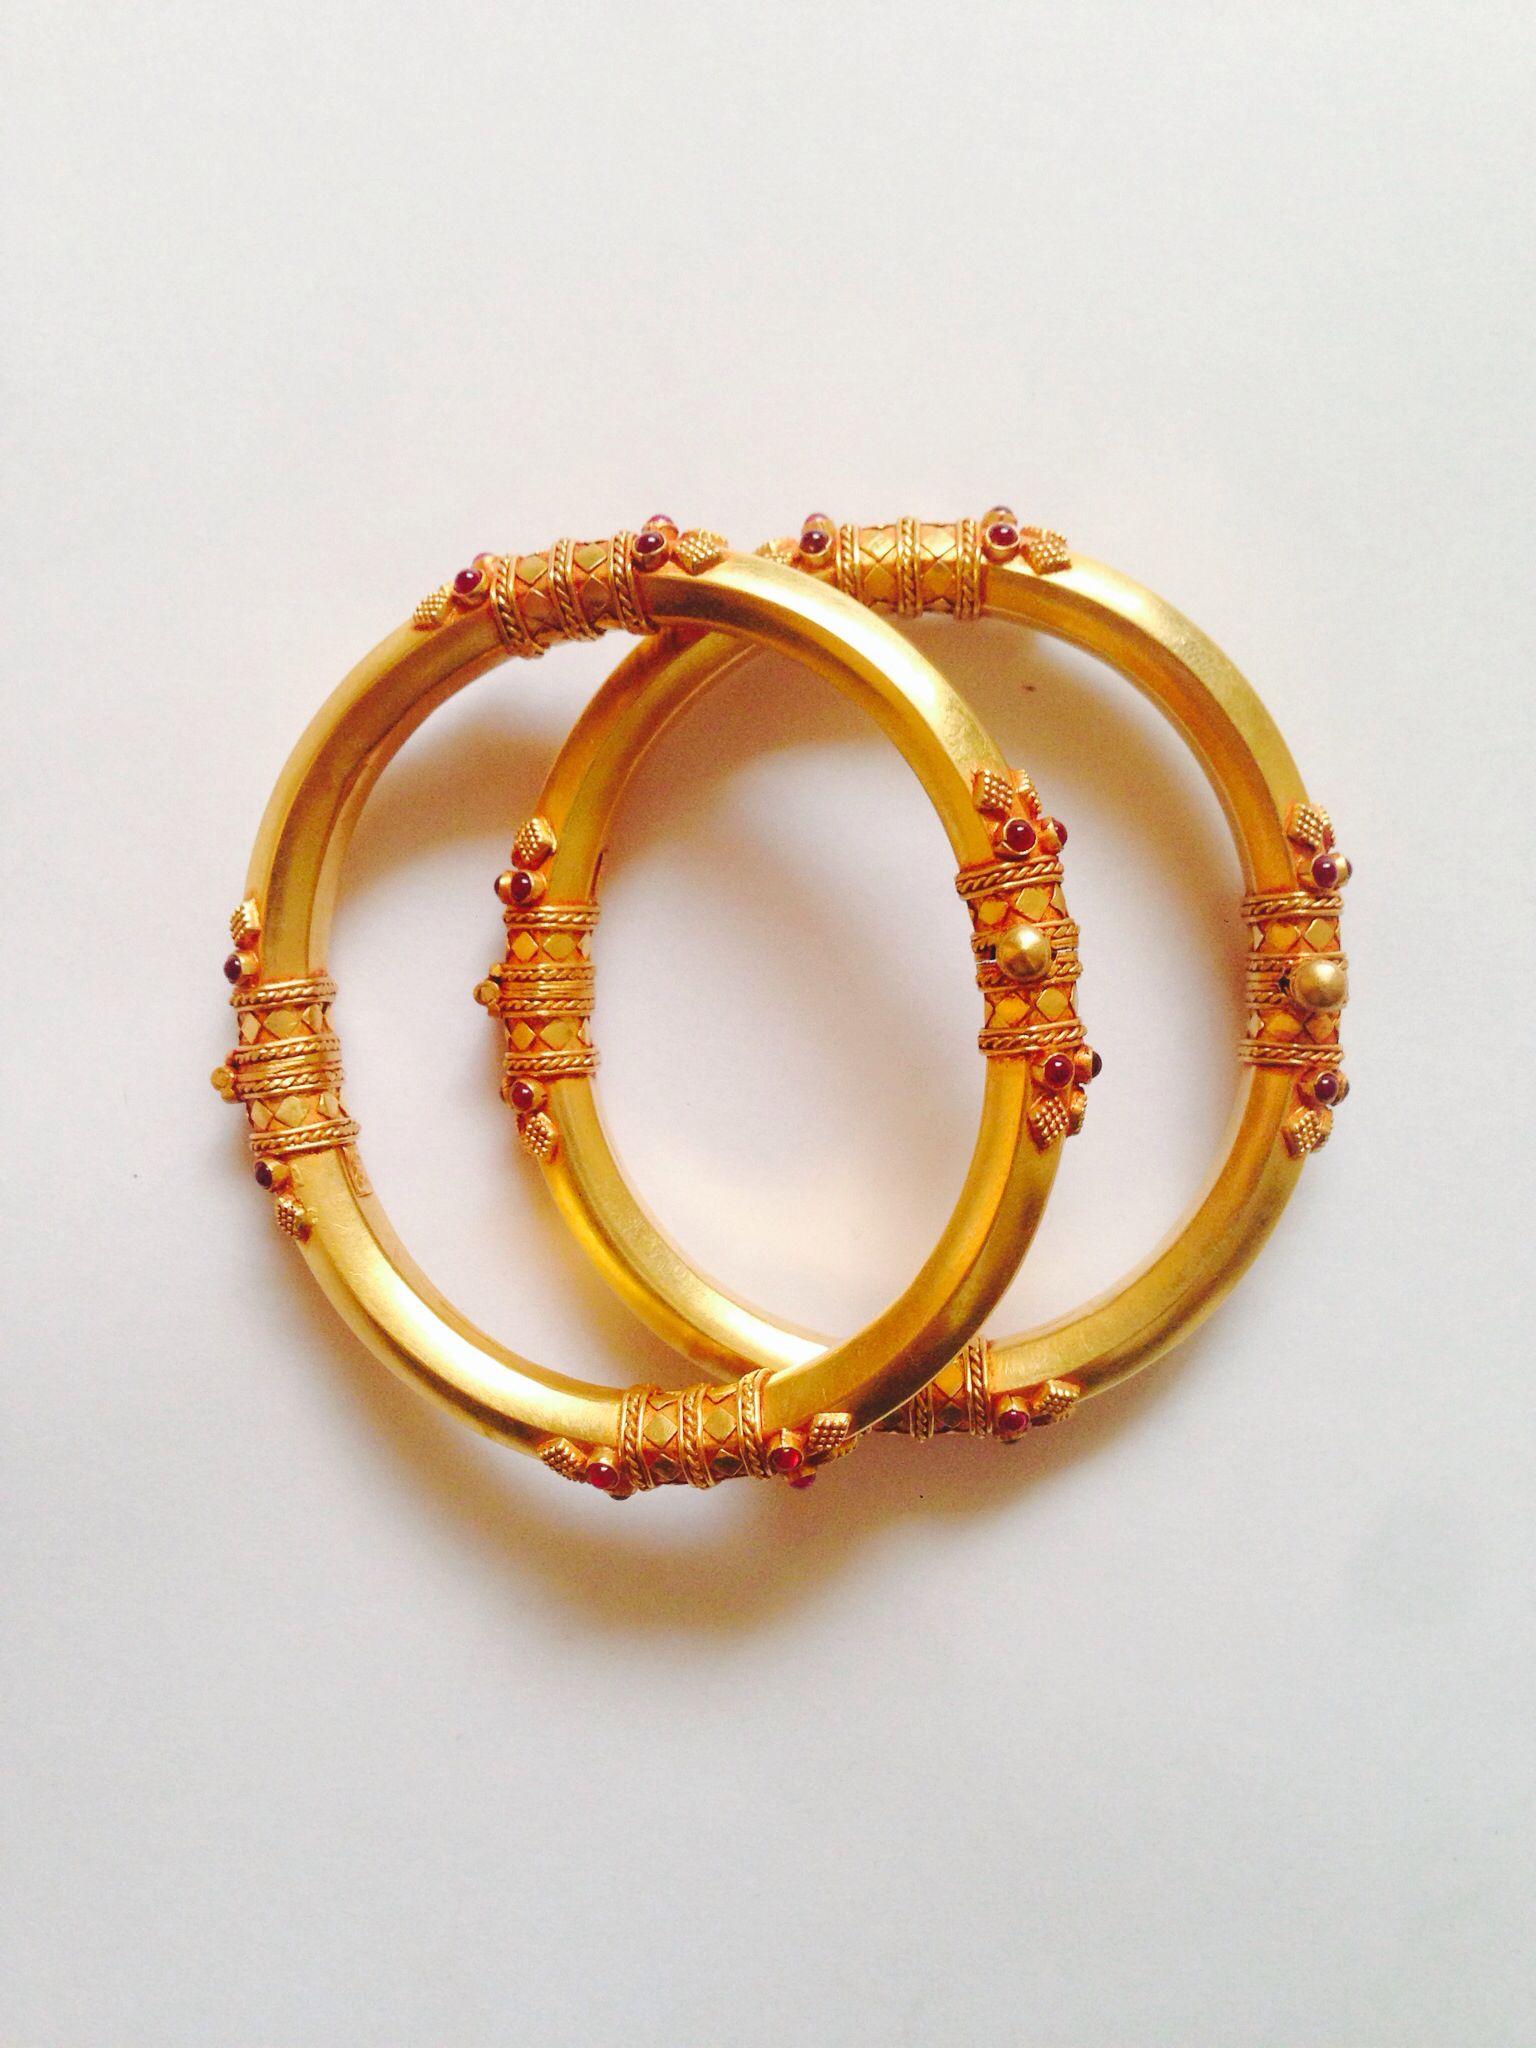 antique handmade bangle bangles designs bangles gold. Black Bedroom Furniture Sets. Home Design Ideas